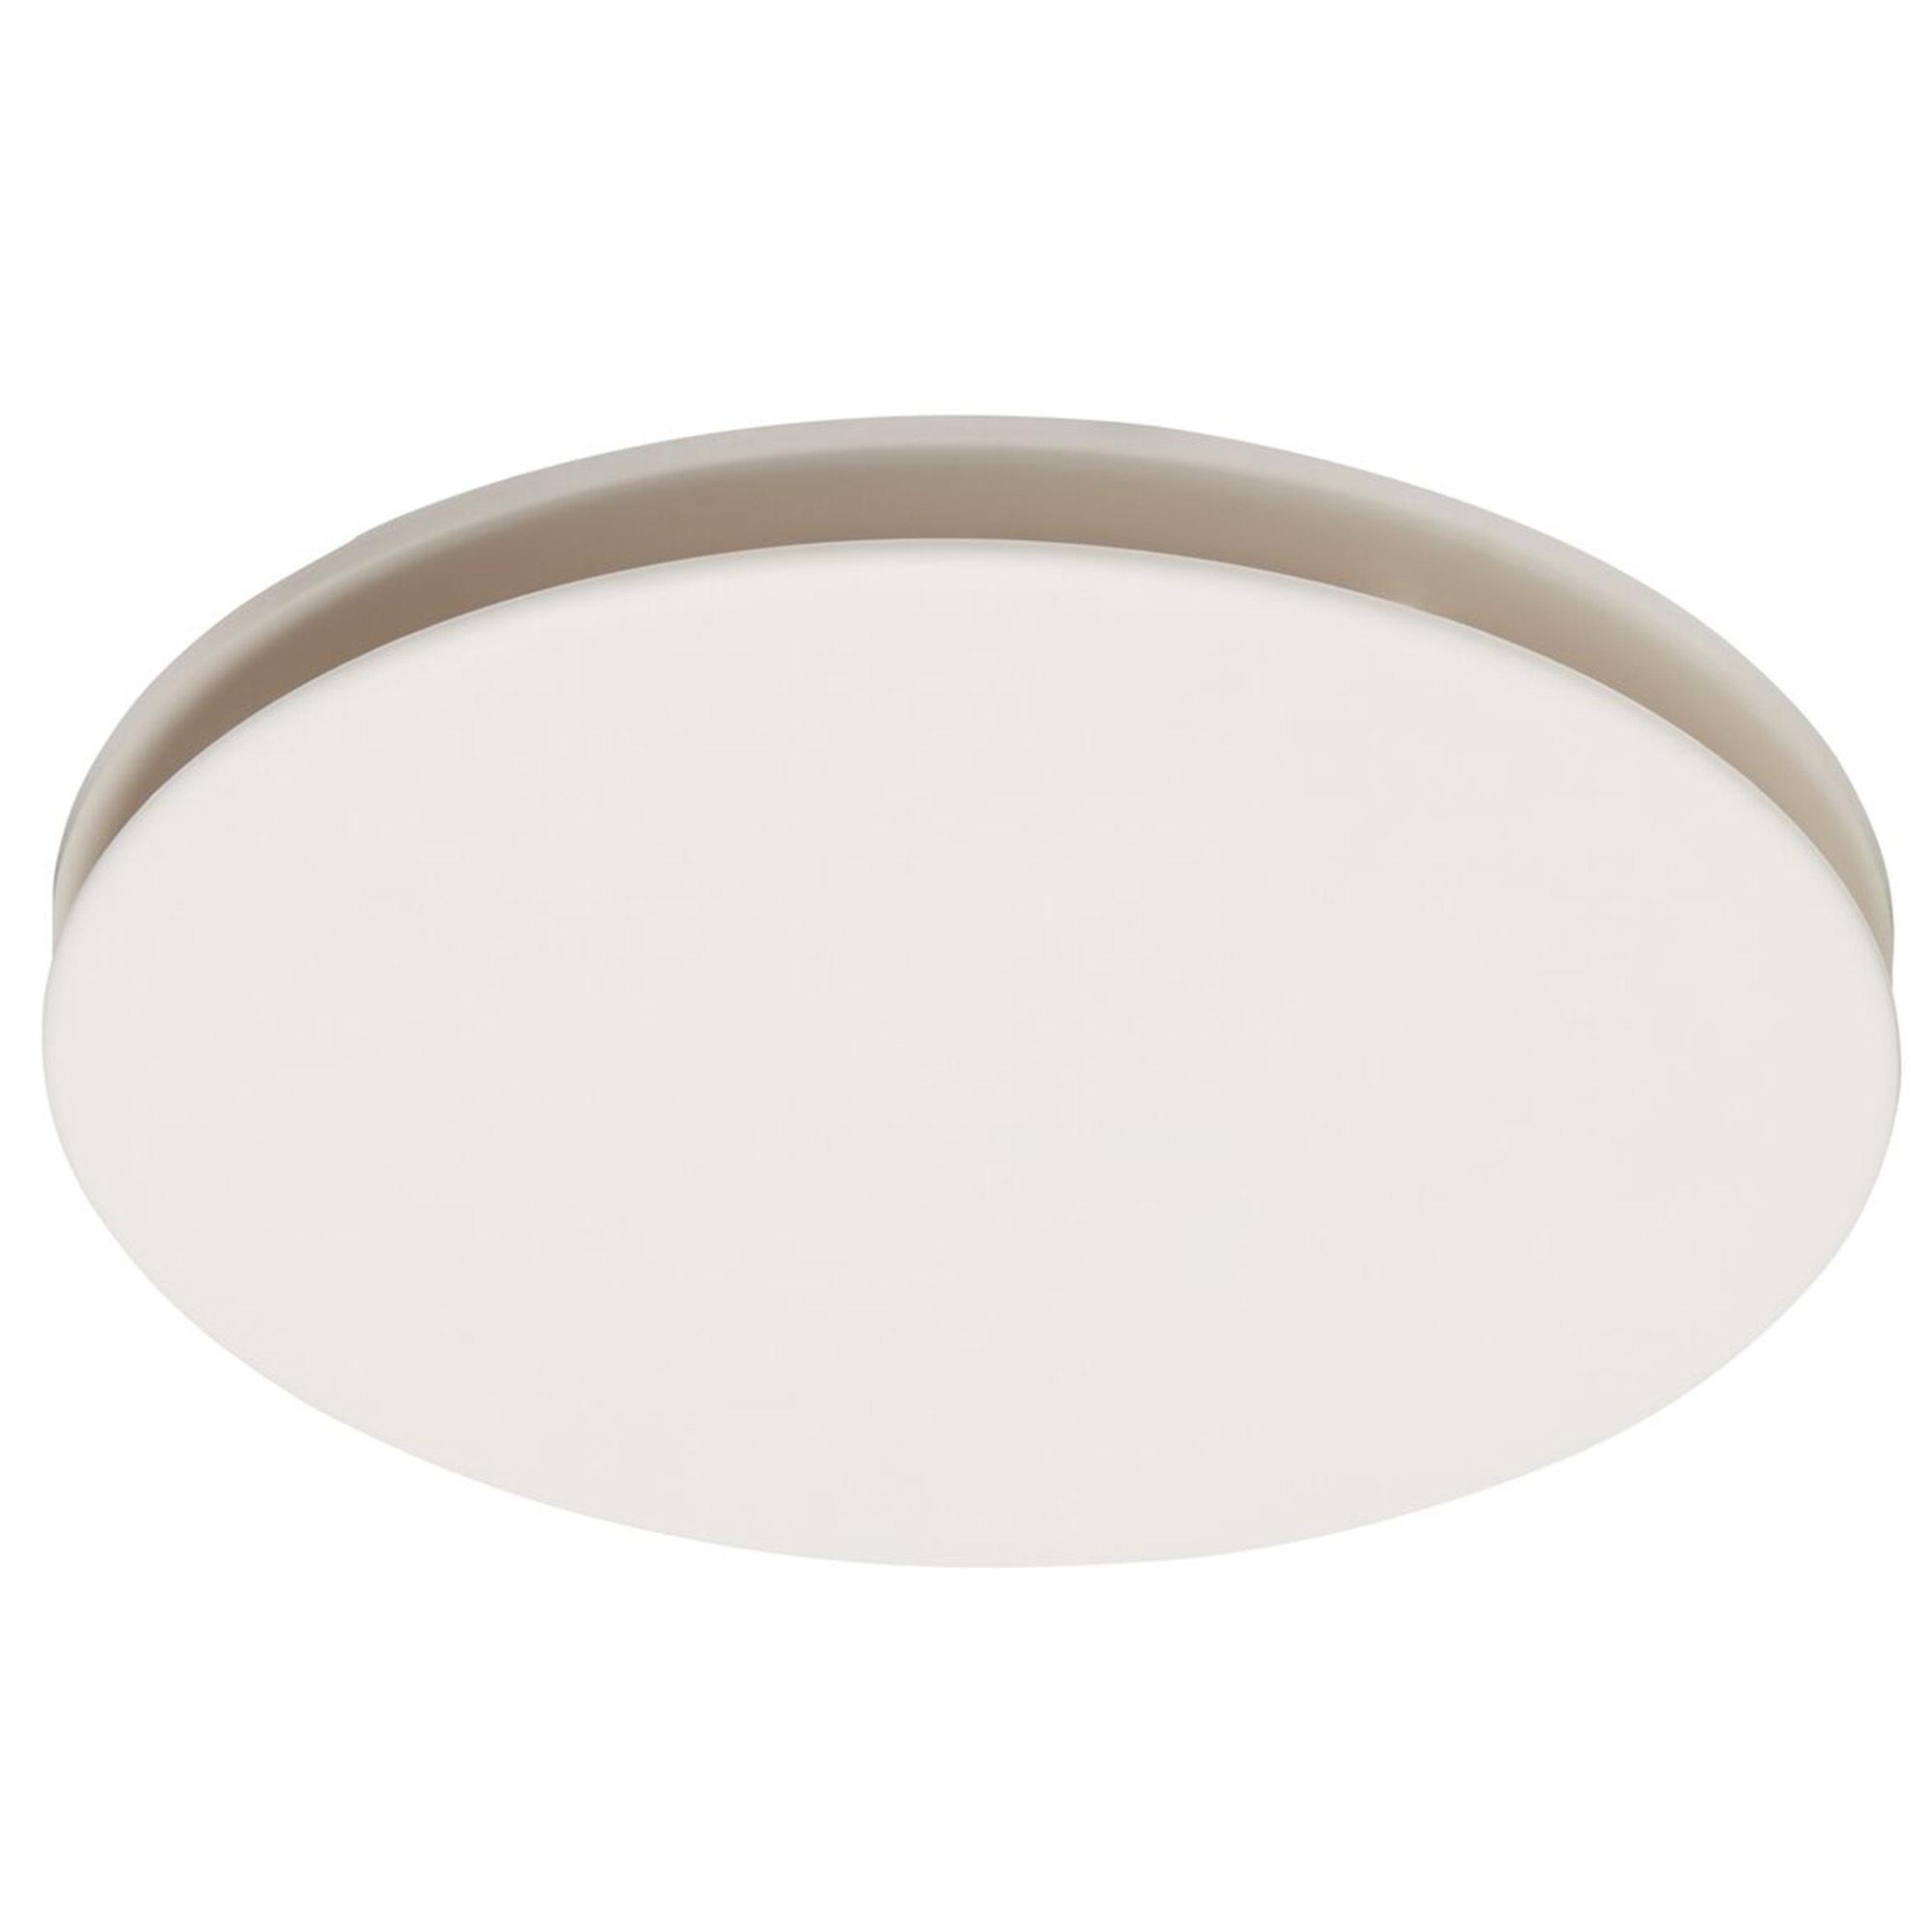 white flow round bathroom exhaust fan